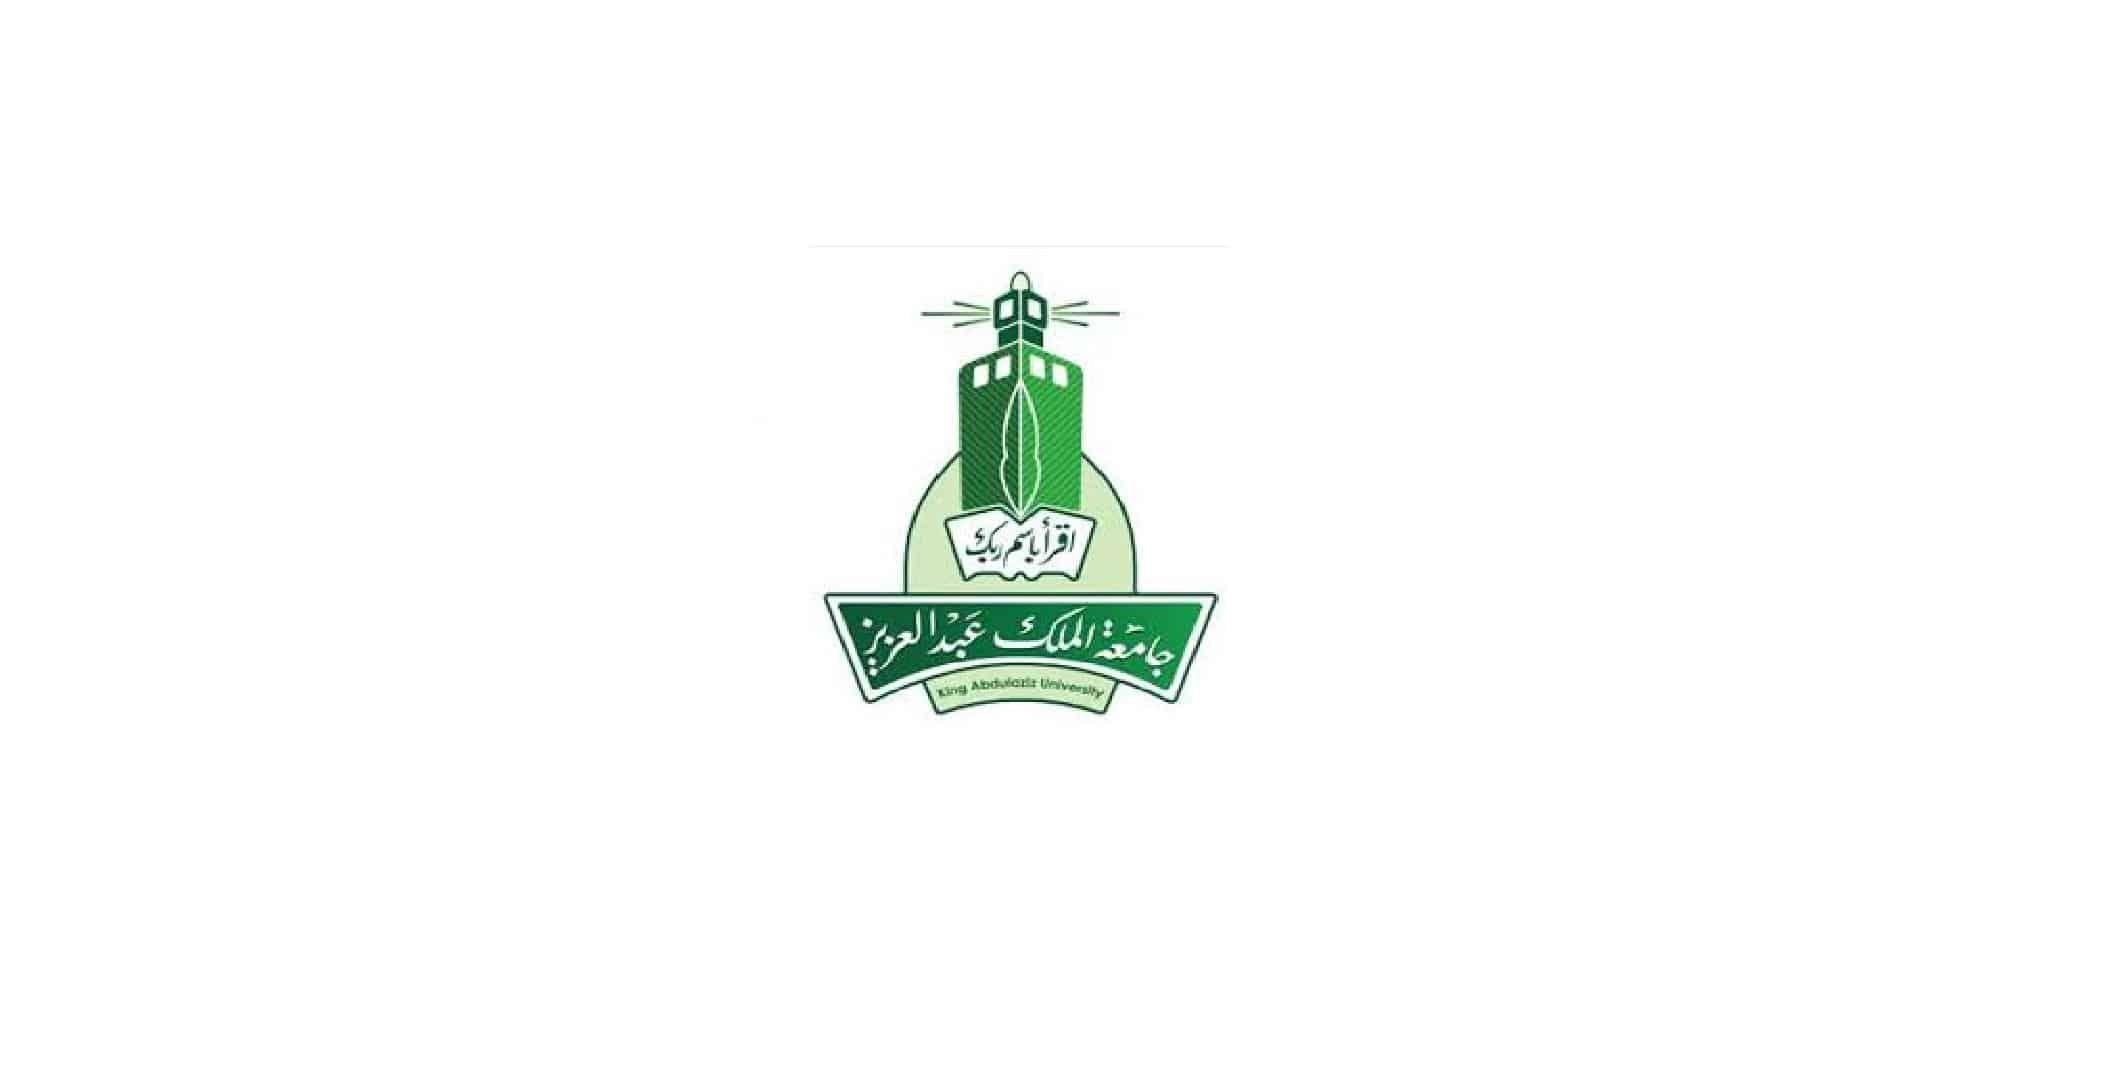 جامعة الملك عبدالعزيز تعلن عن تقديم دورة تدريبية مجانية بعنوان مقدمة في الأمن السيبراني مع منح Enamel Pins